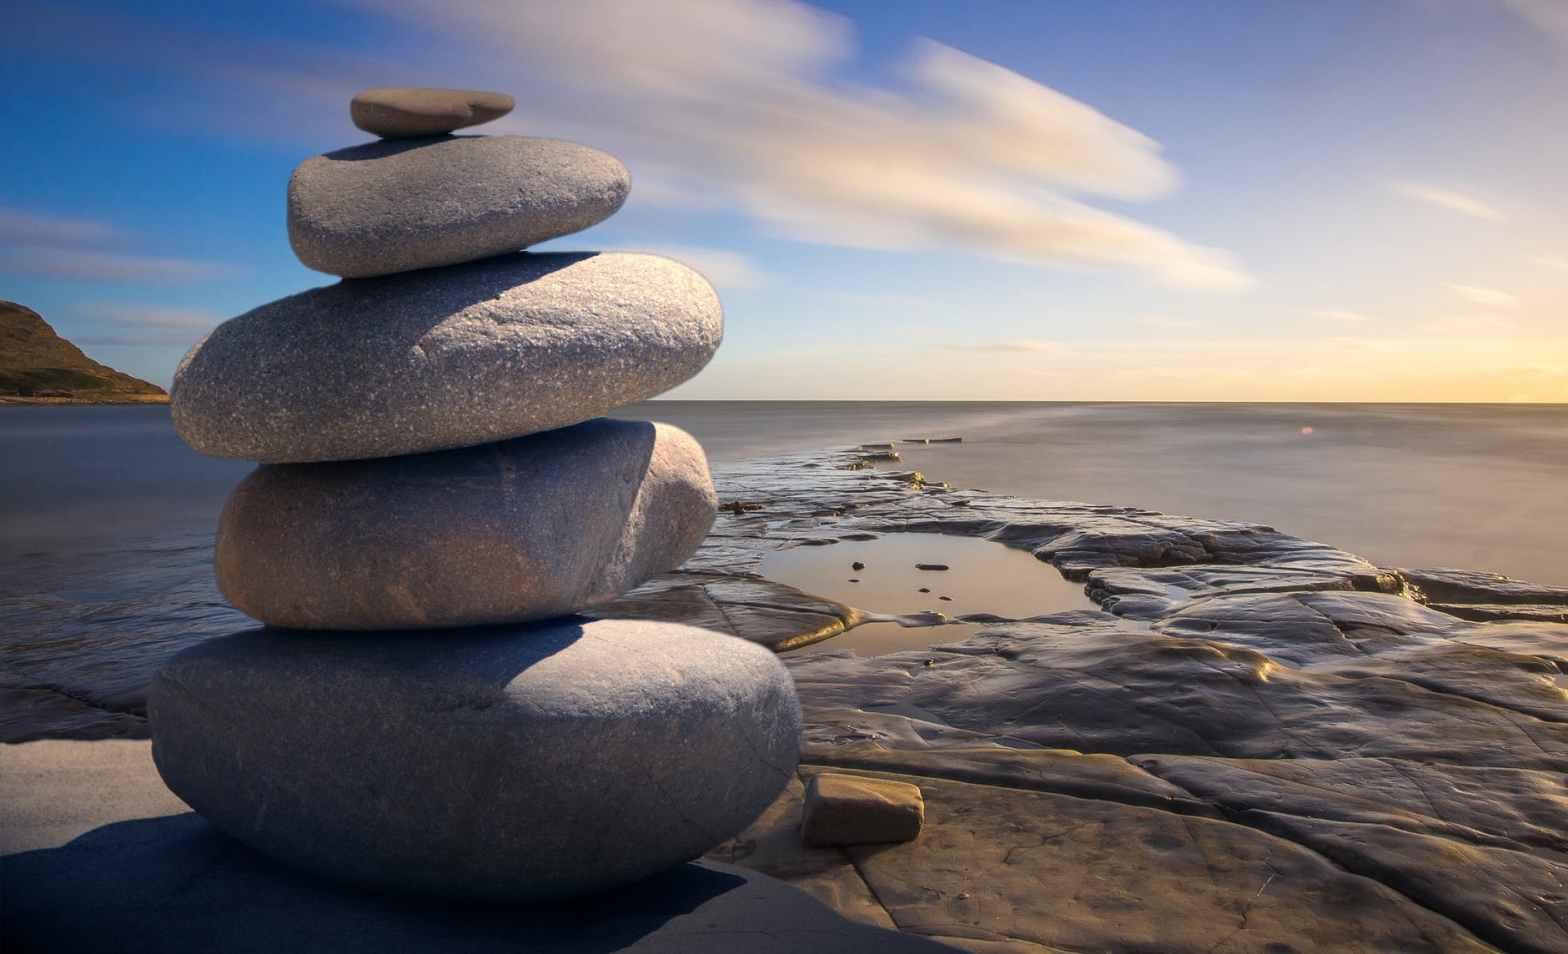 wellness and self care